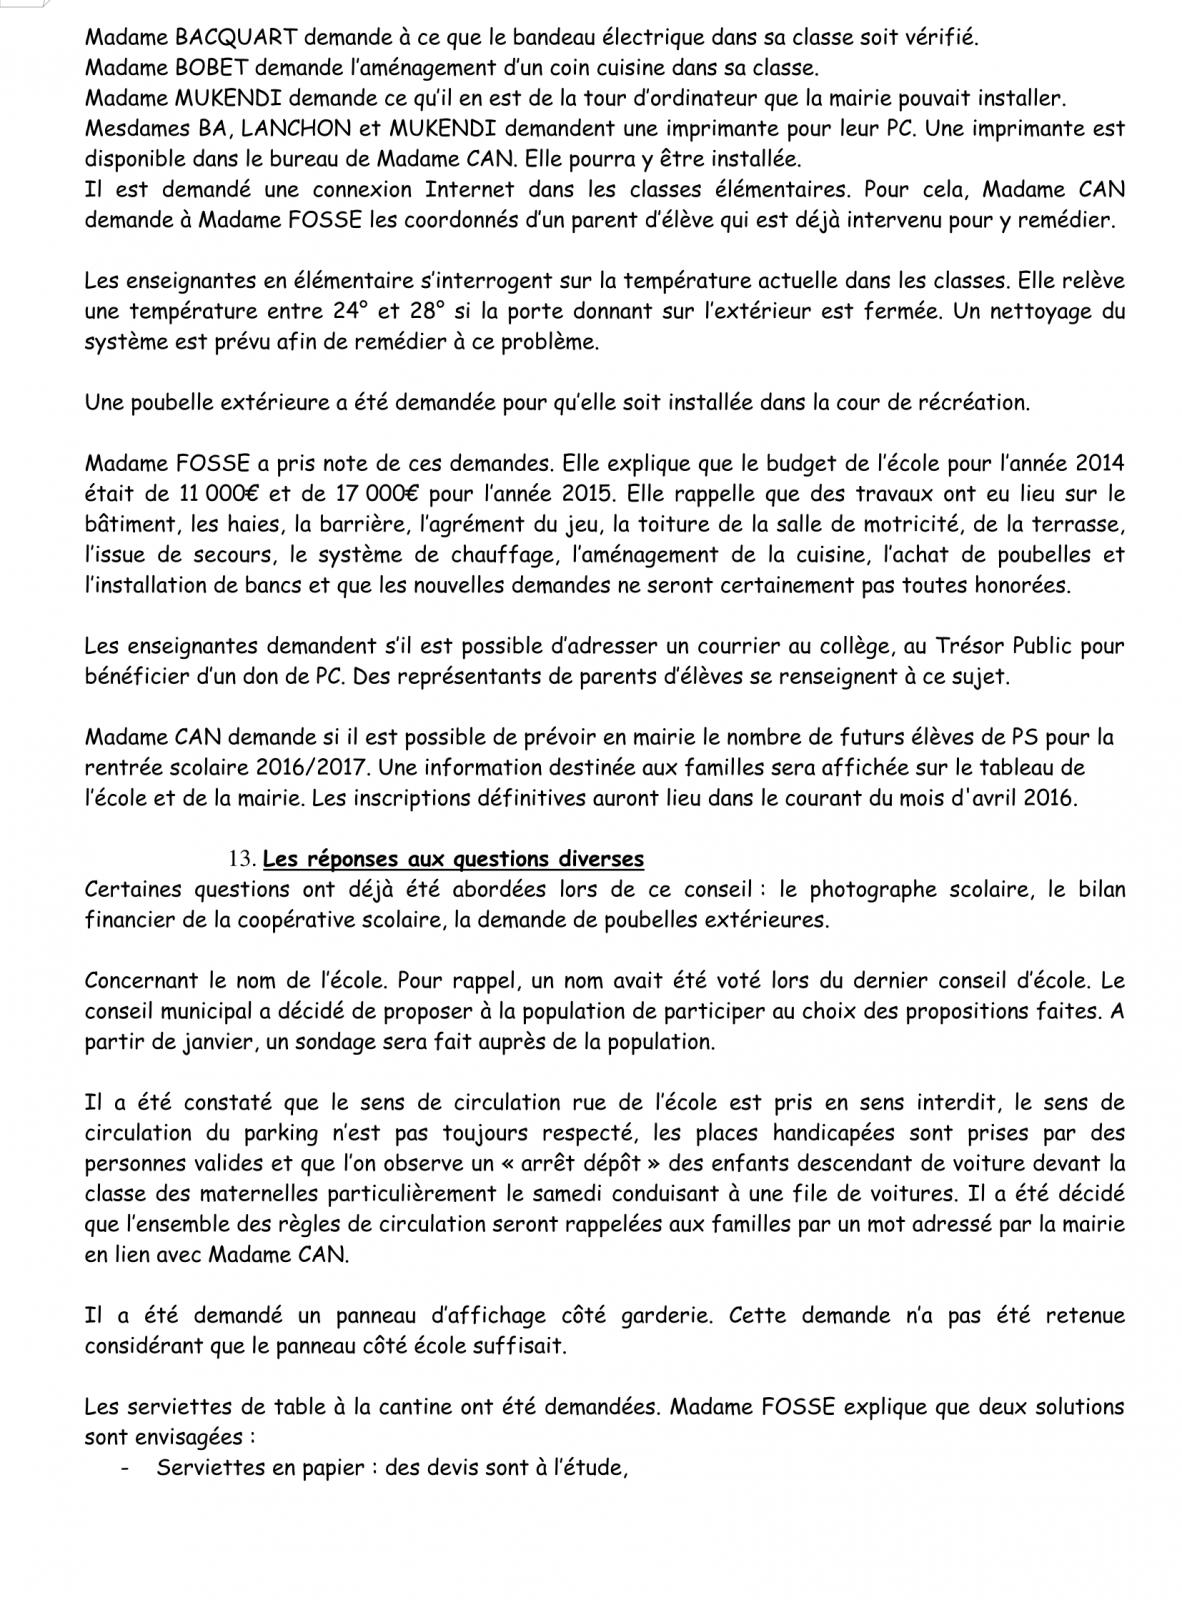 PV Conseil d'école 16 Novembre 2015 Page 7